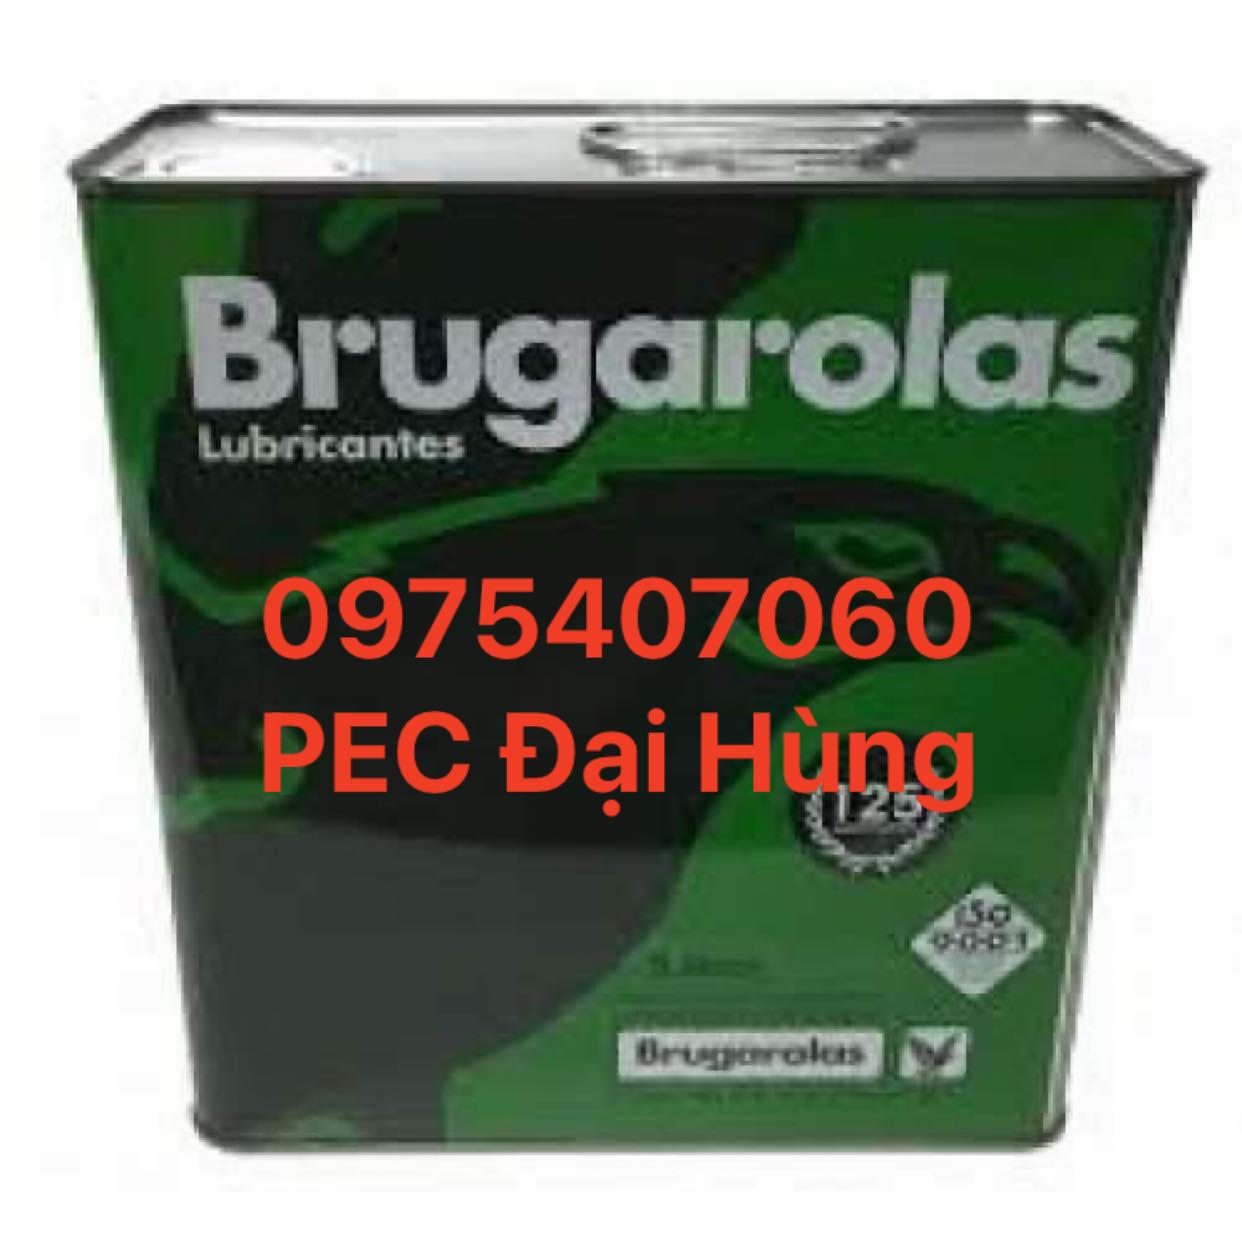 Dầu xích Brugarolas Beslux Camin 150 WR